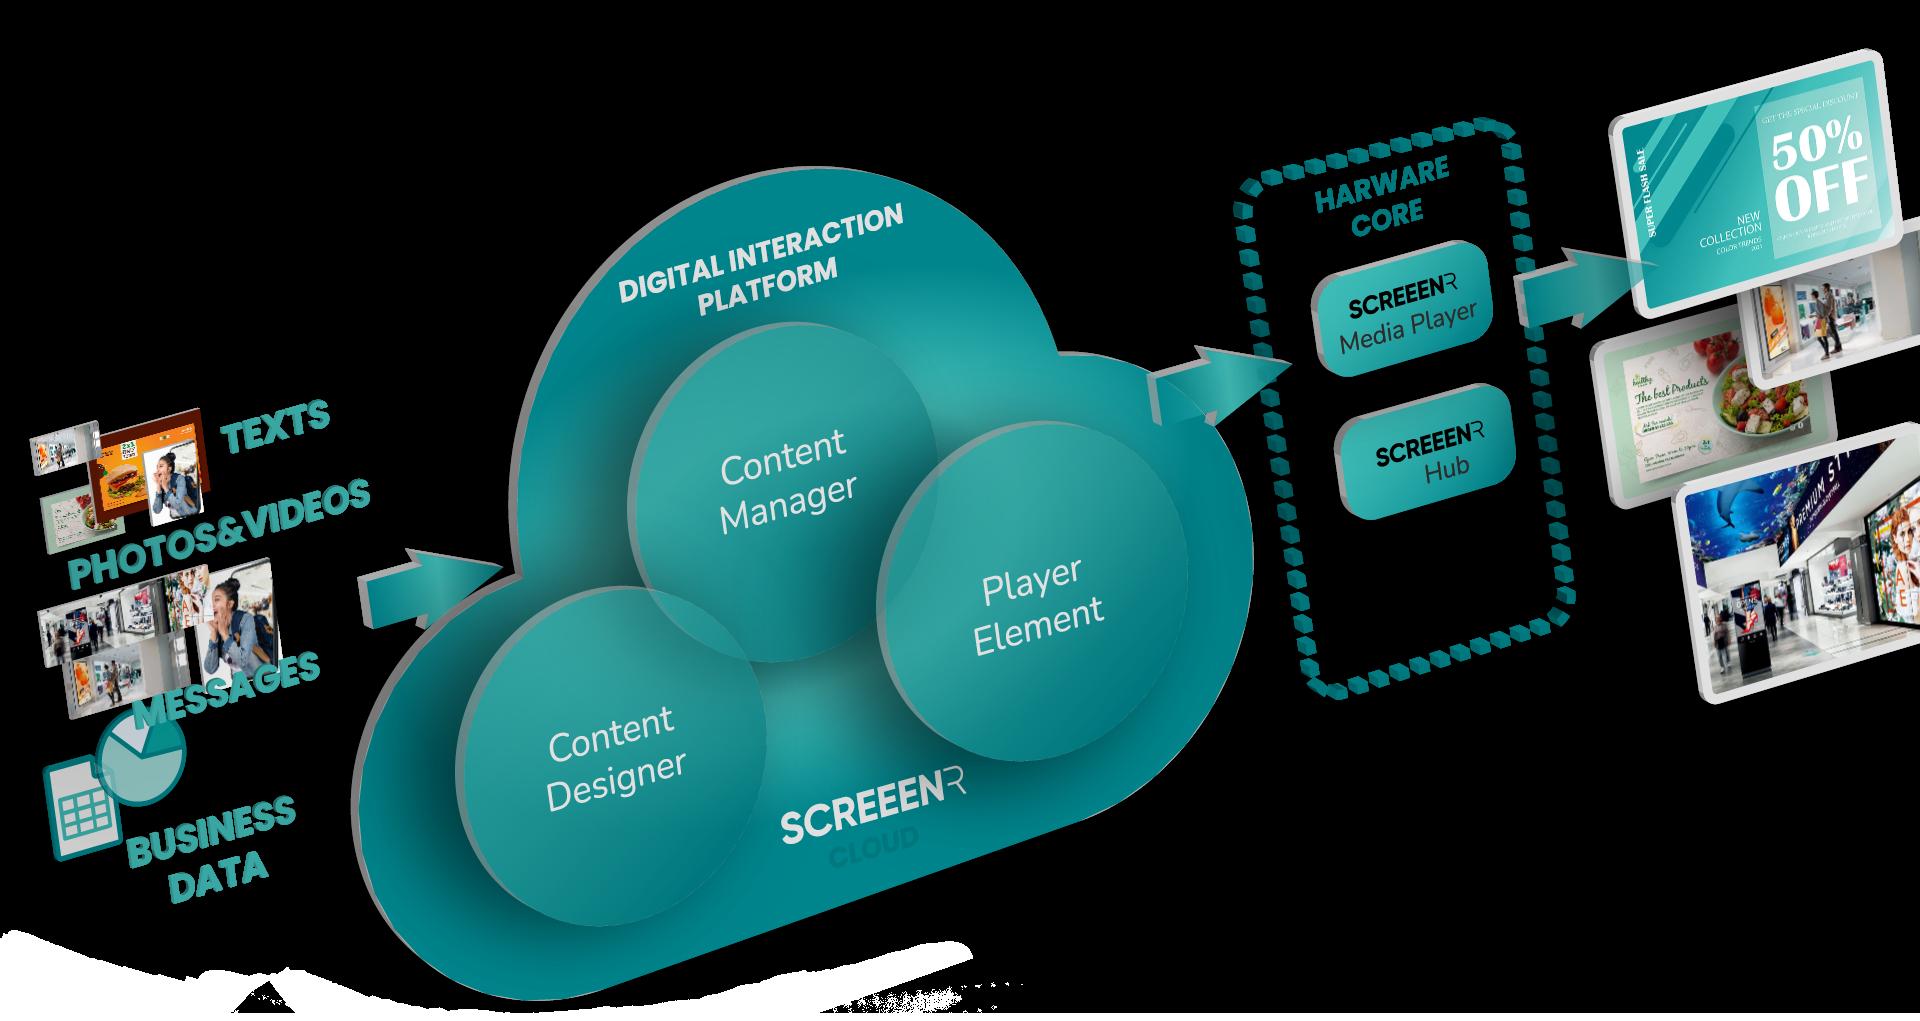 Digital signage platform model